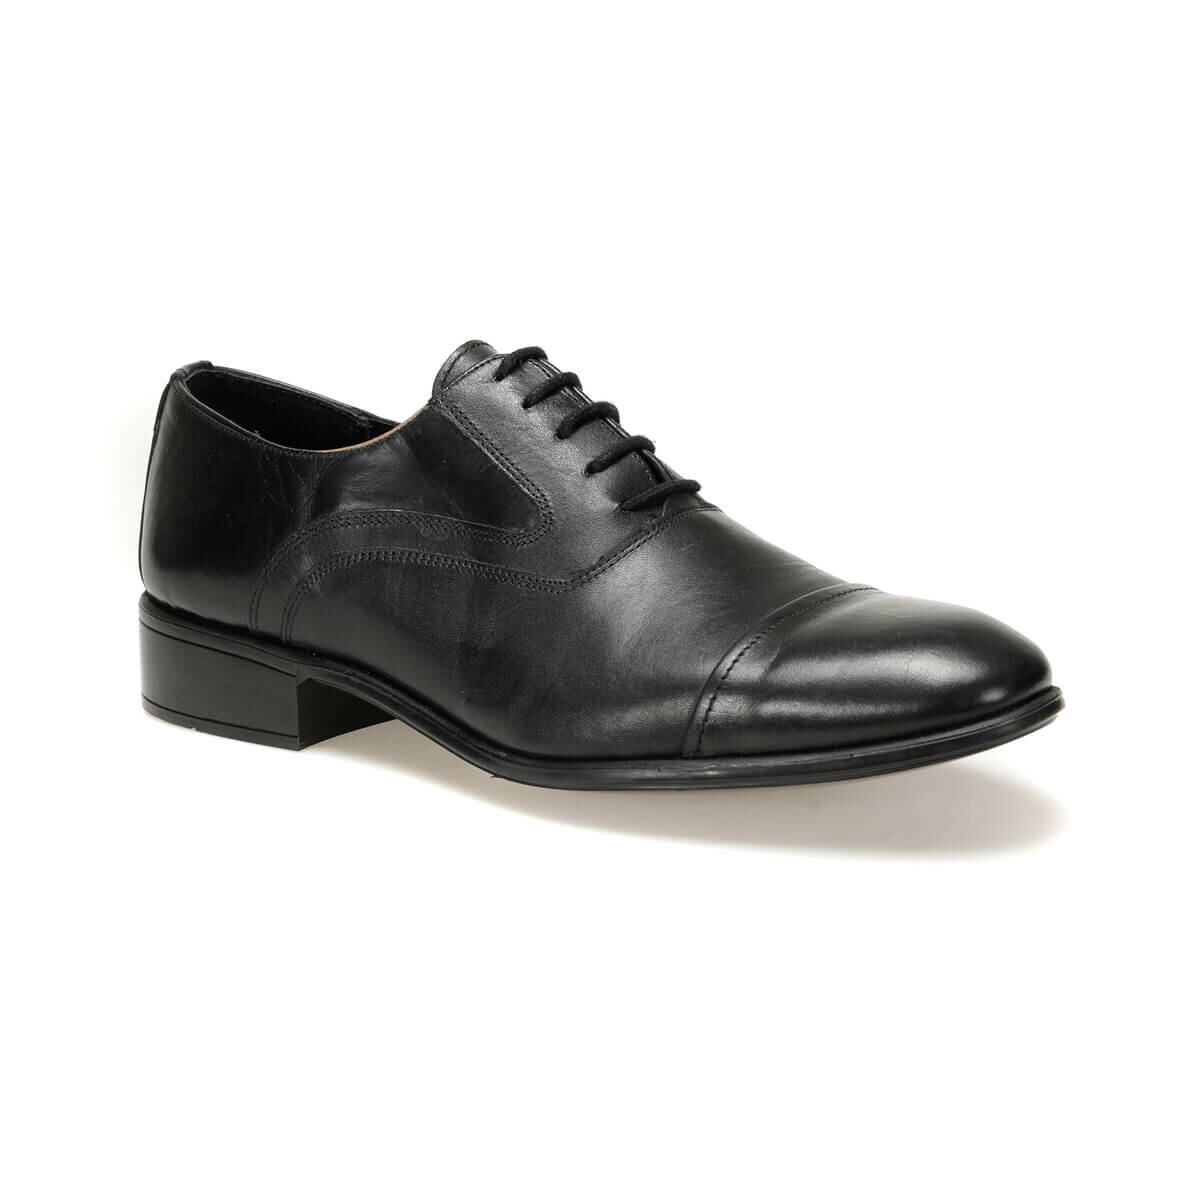 FLO 1018 C 19 negro zapatos clásicos para hombre Garamond